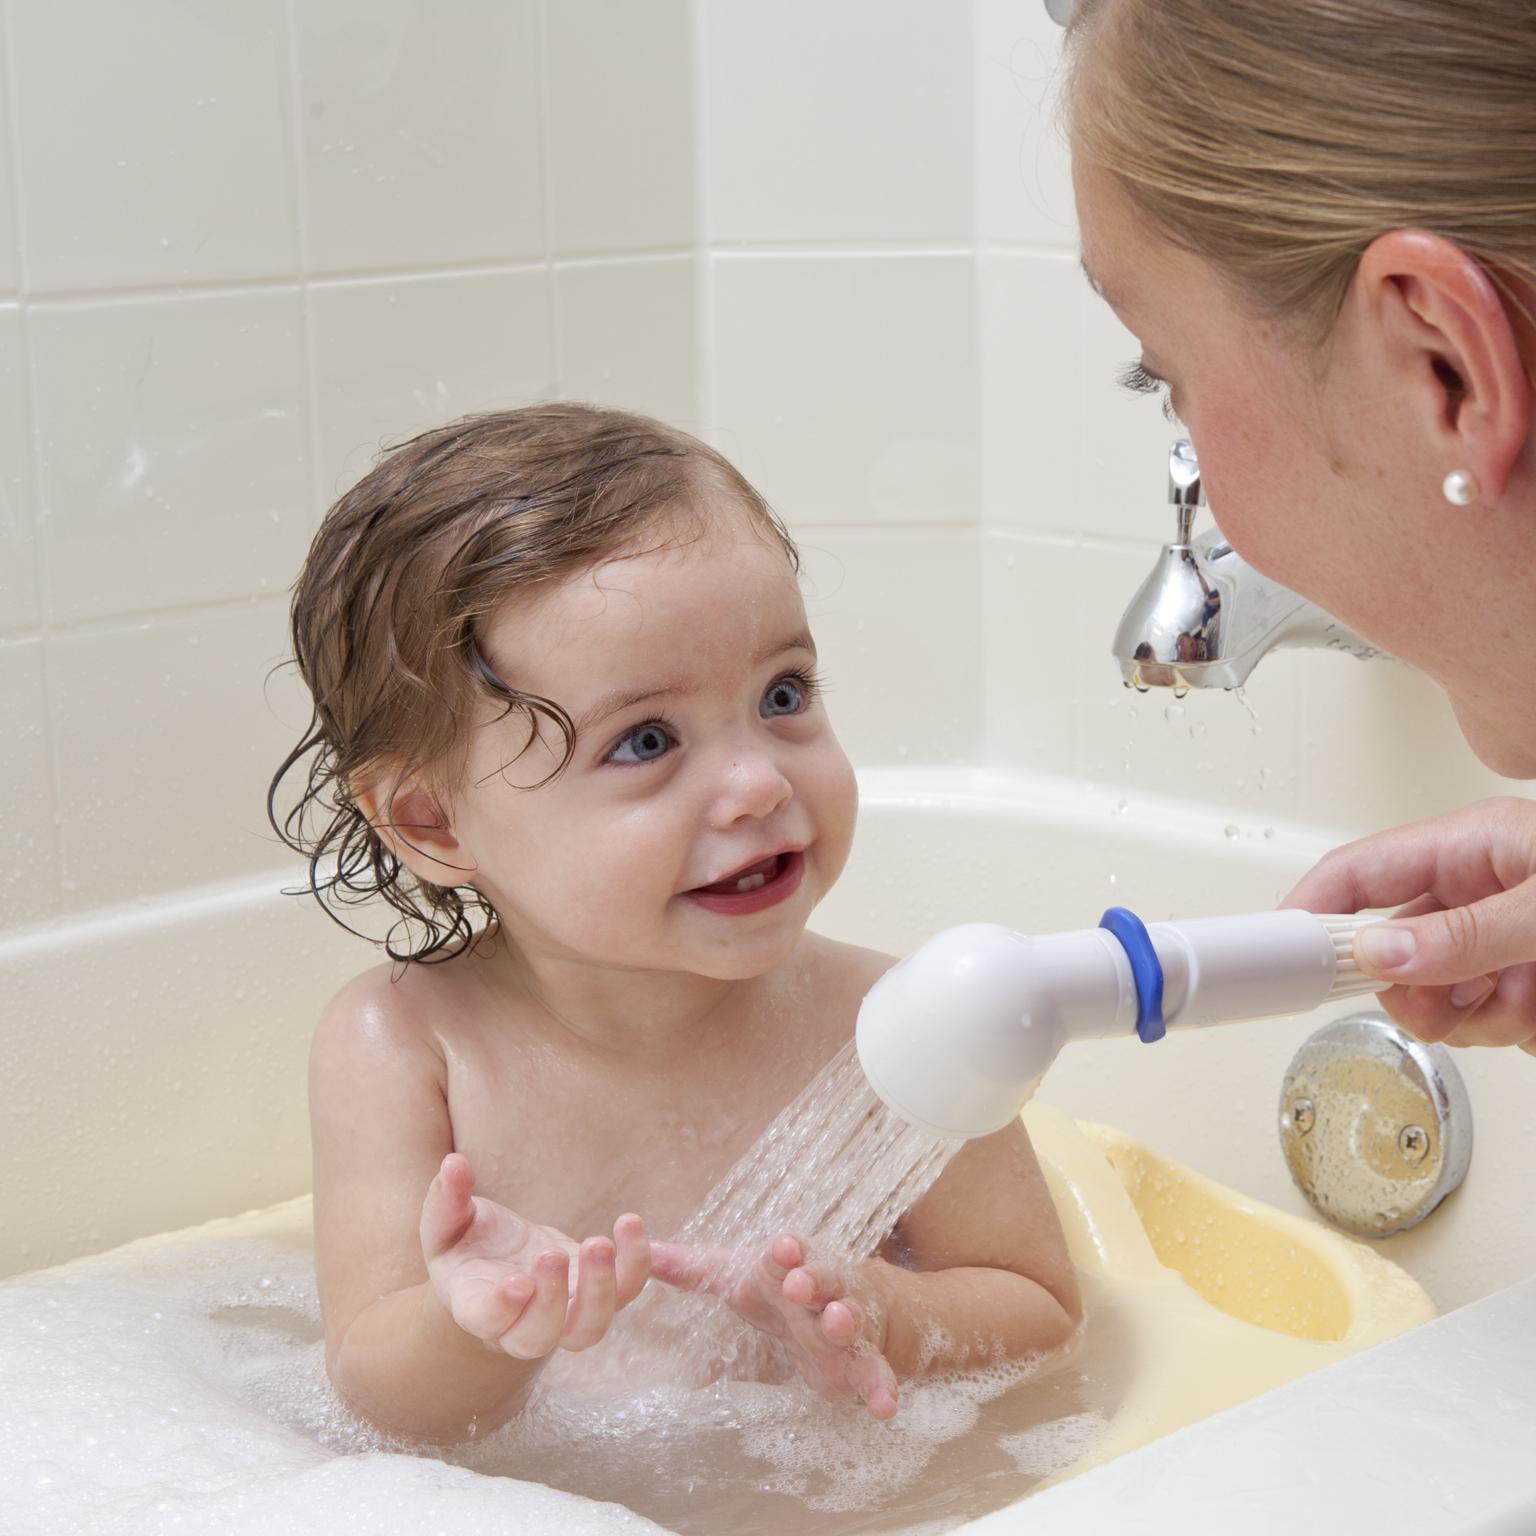 نصائح لتدريب الطفل على الحمام